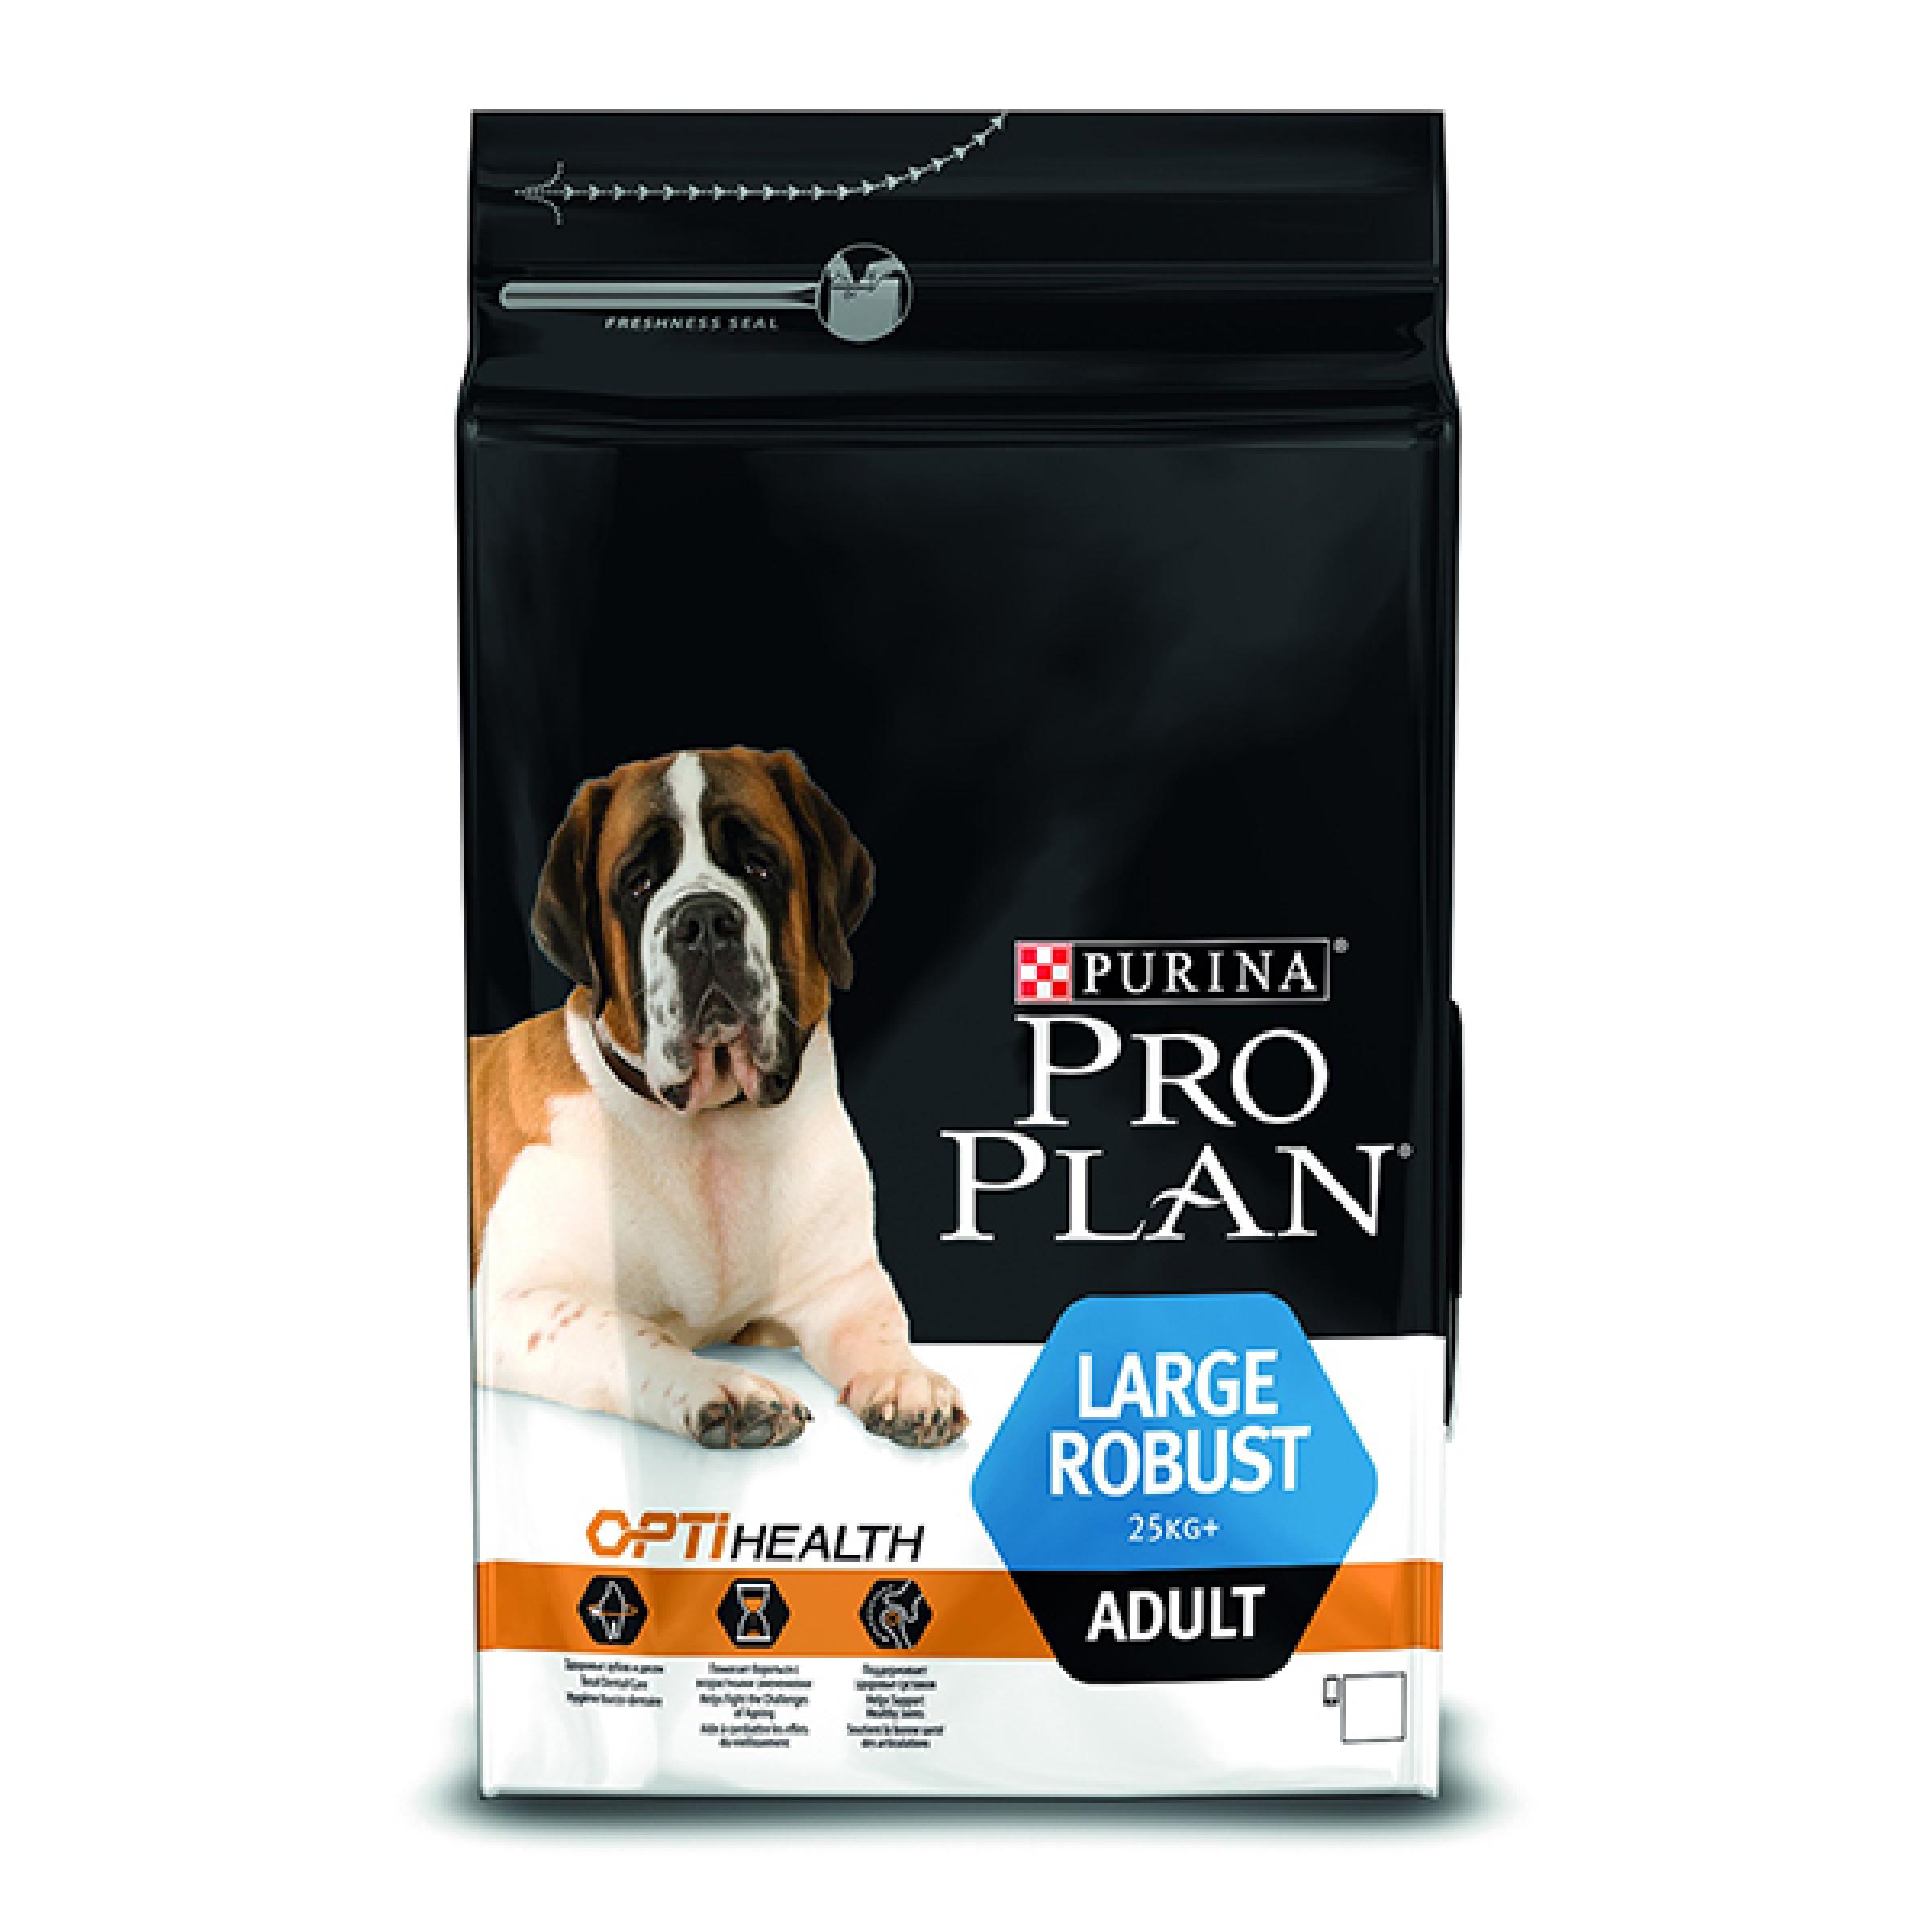 """Сухой корм для взрослых собак крупного мощного телосложения с курицей """"Purina Pro Plan"""", 14кг"""